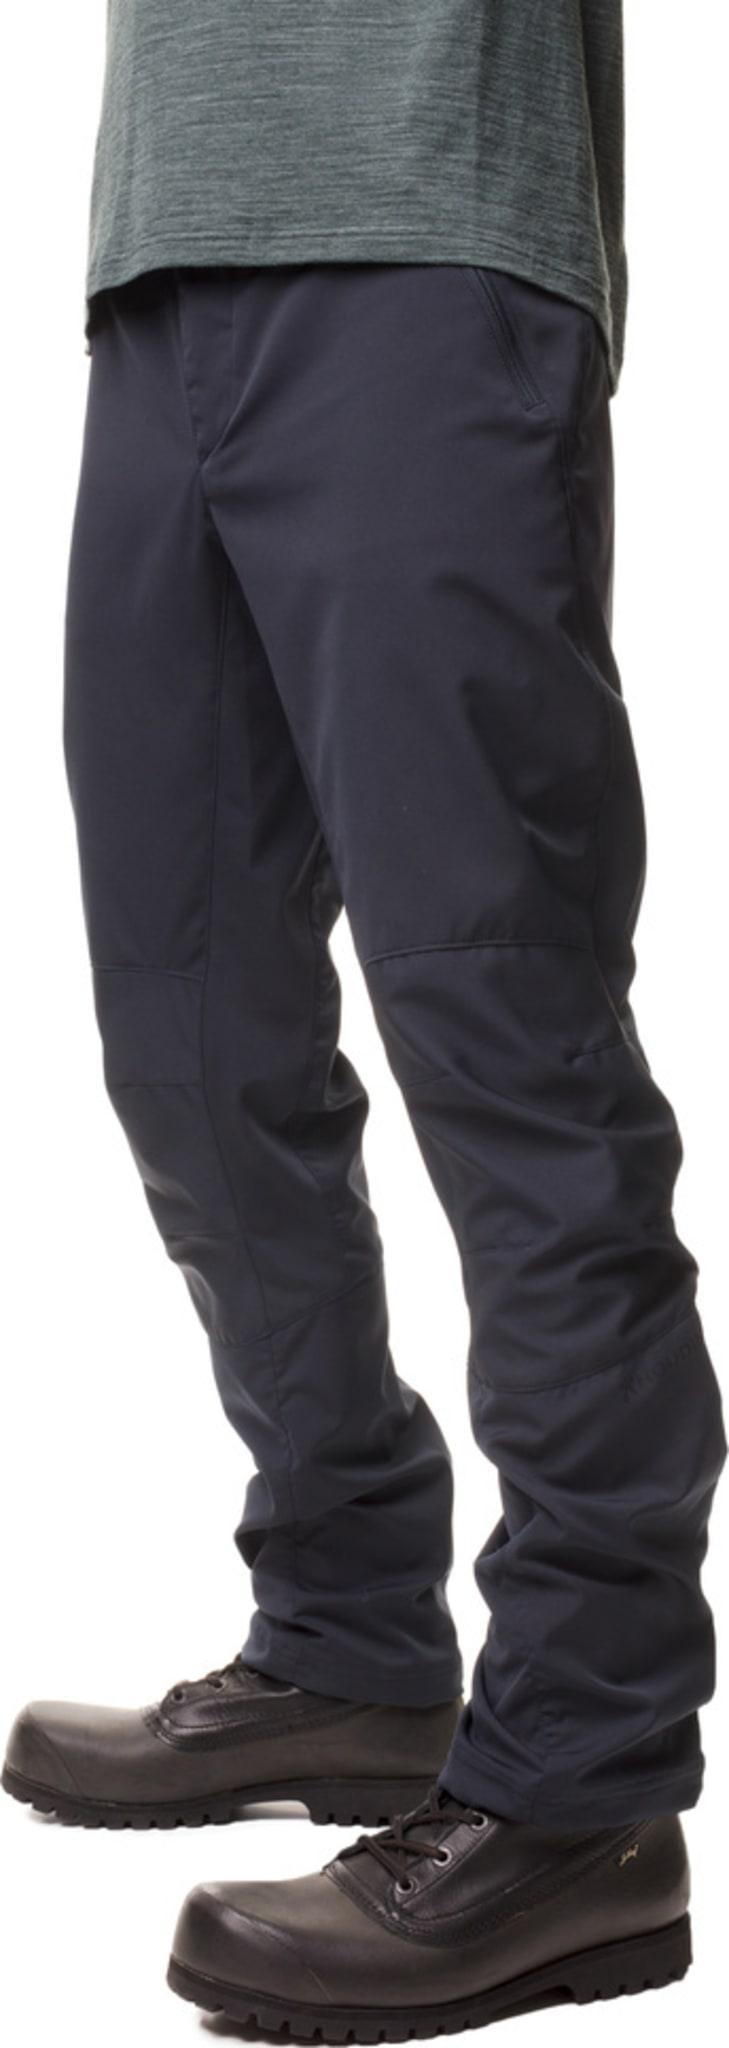 Stilig og allsidig softshellbukse med stretch